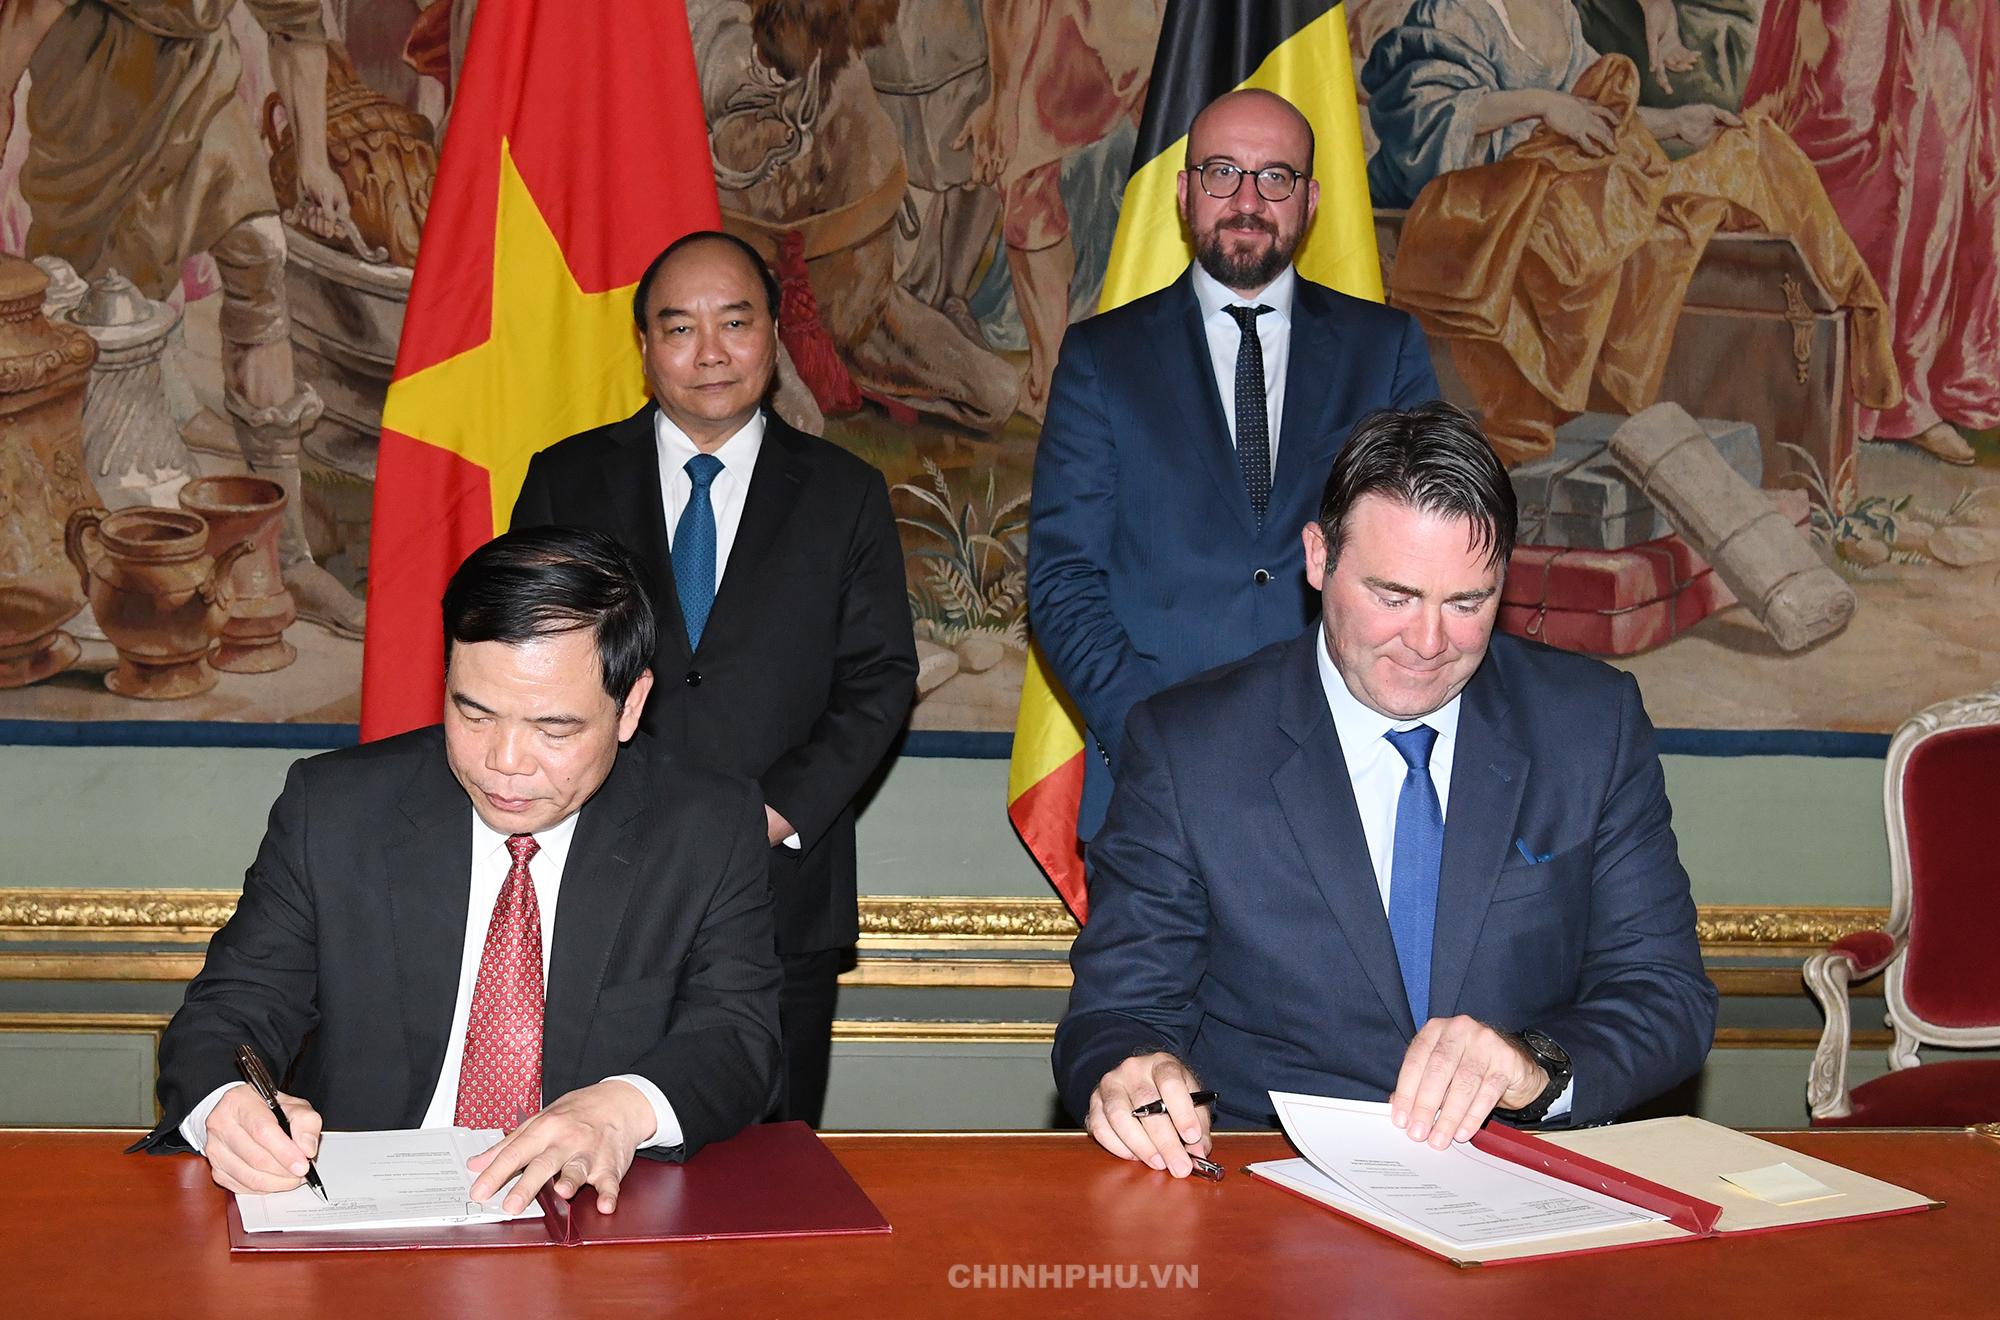 Bỉ cam kết giúp Việt Nam phát triển nền nông nghiệp sạch